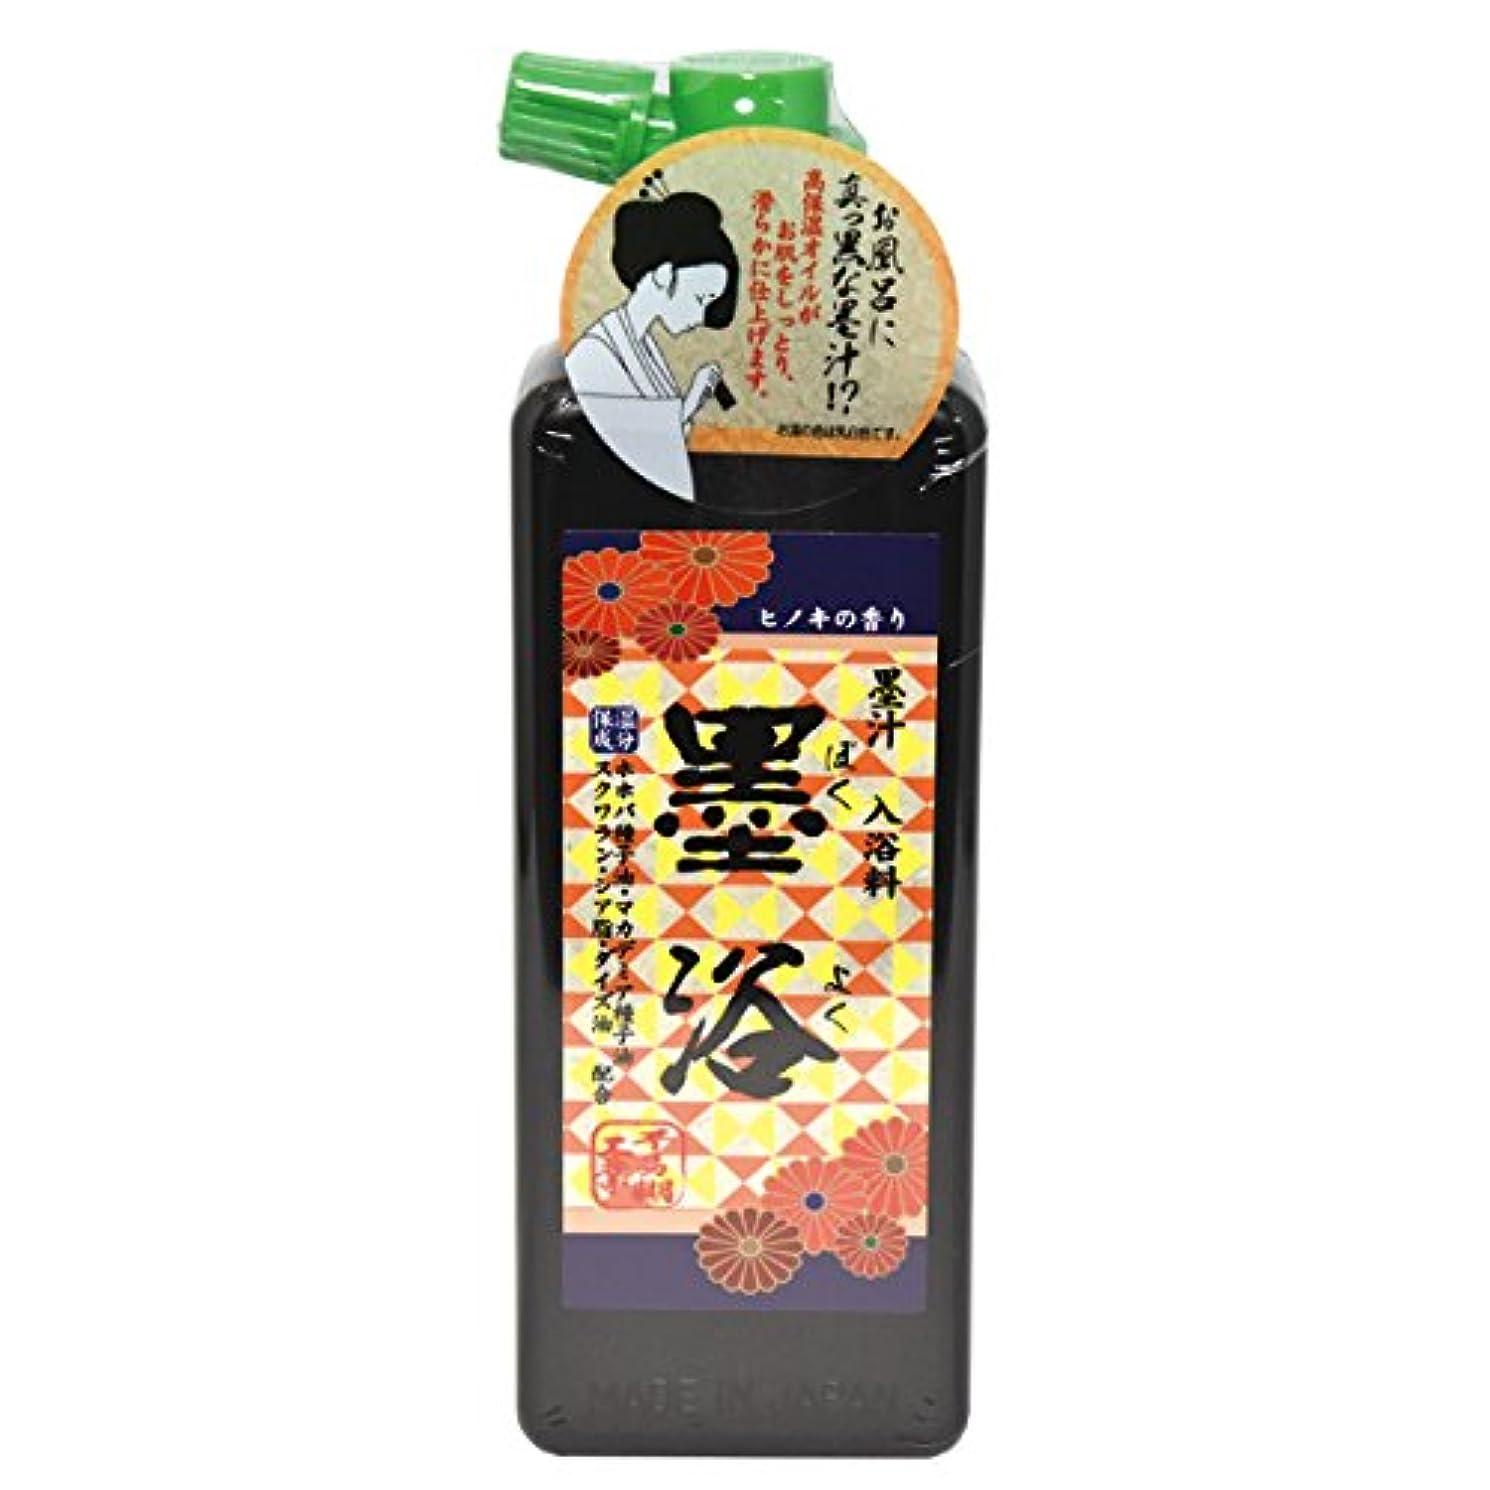 副費やす避けられない墨浴 ぼくよく 入浴料 ヒノキの香り 不易糊工業 BY20